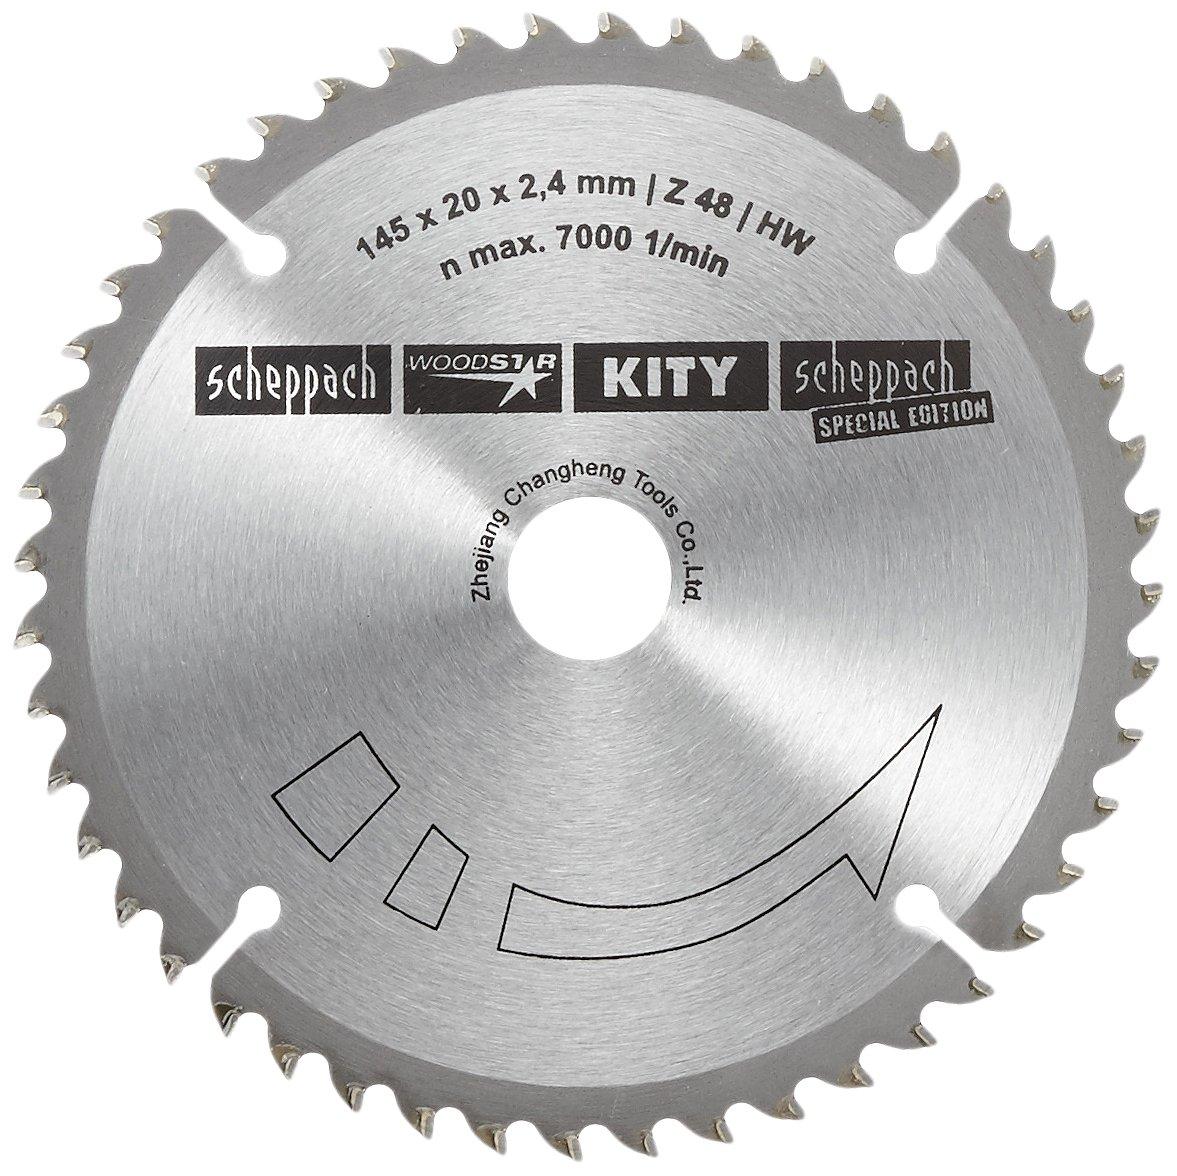 2,2 mm Scheppach 3901803704 Hoja Circular de di/ámetro 145 x 20 mm 48Z para Sierra de inmersi/ón